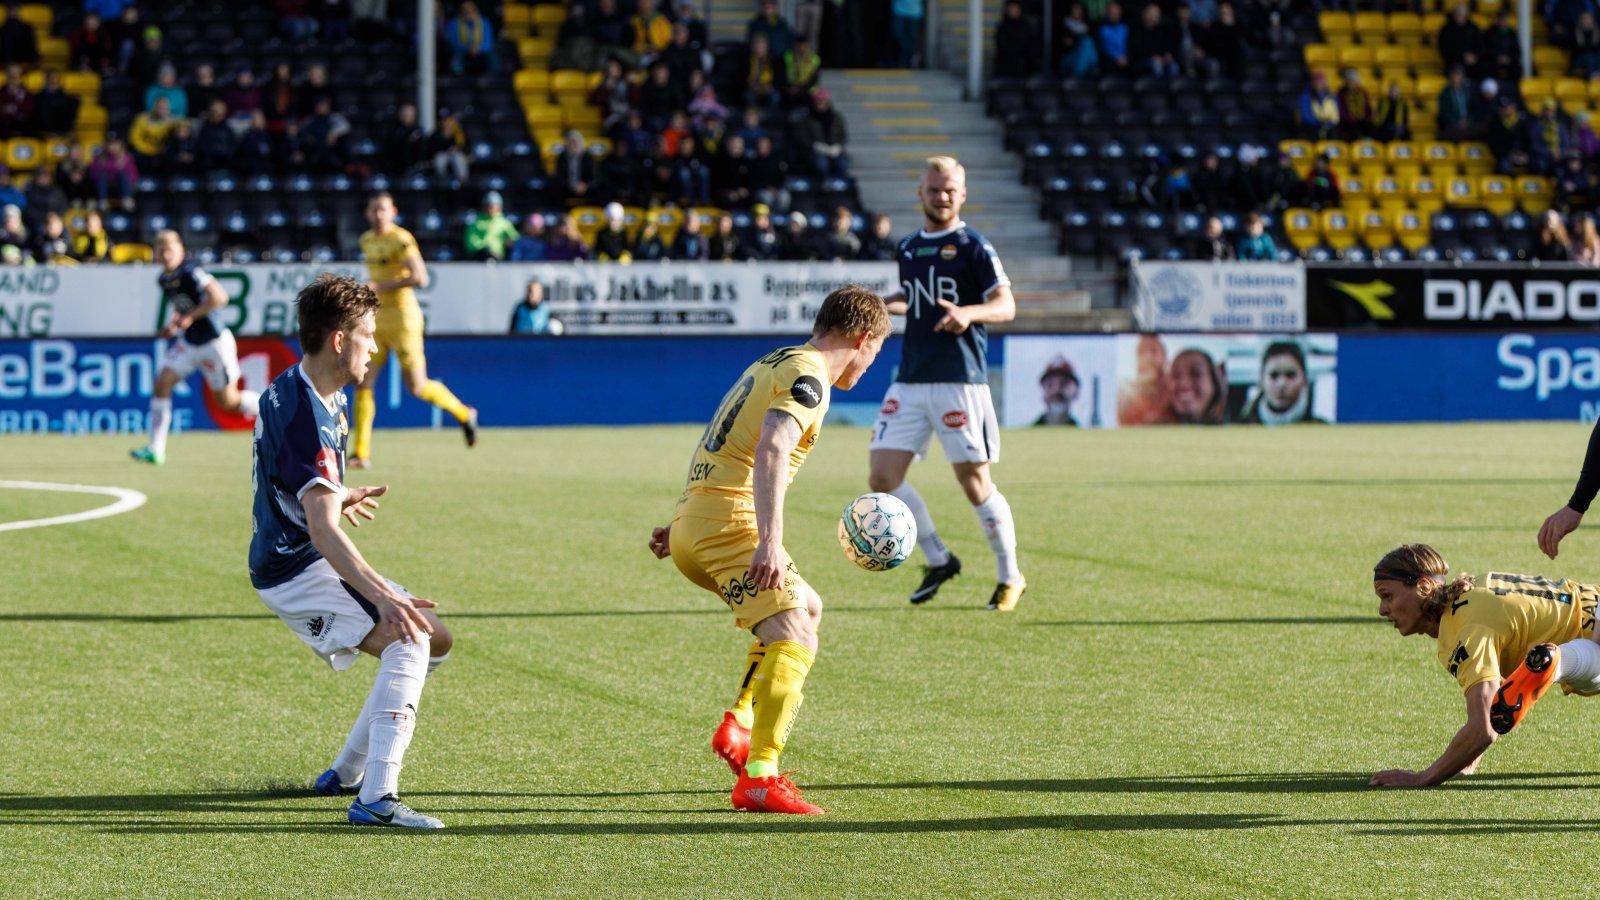 Bodø/Glimt mot Strømsgodset hjemme på Aspmyra 6. mai 2018.